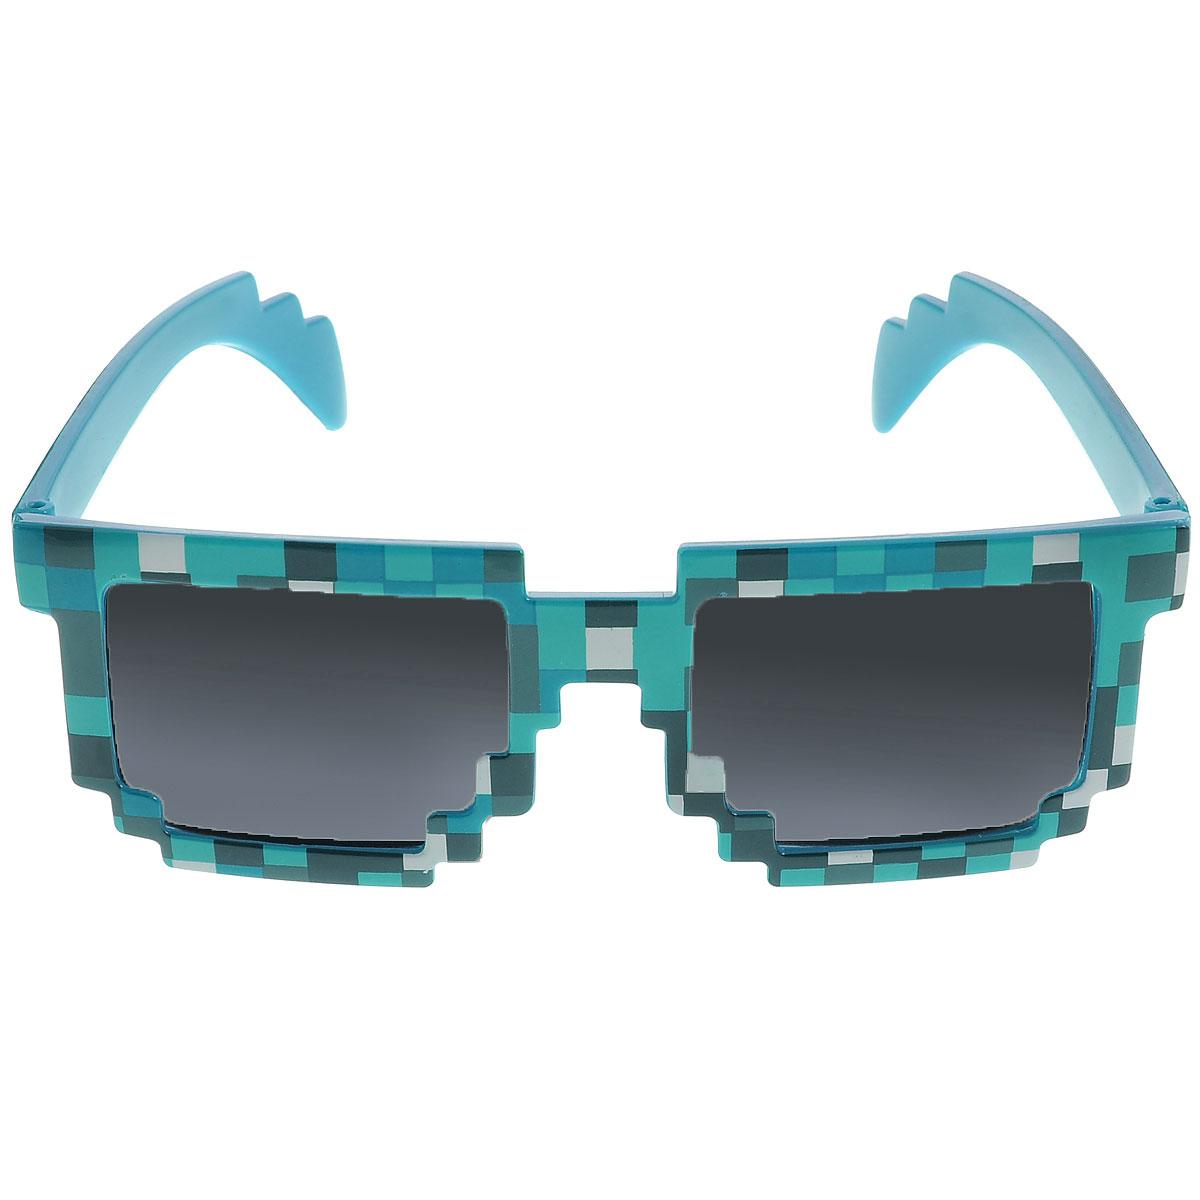 Очки солнечные Minecraft Пиксельные, цвет: синий, черныйINT-06501Наикрутейшие солнечные пиксельные очки в синей оправе! Очки пиксельные Minecraft (Майнкрафт) - это стильный и качественно выполненный аксессуар из игры Minecraft. Если ваш ребенок увлекается игрой Майнкрафт, такой подарок ему очень понравится!Яркий, эффектный дизайн очков Майнкрафт привлекает внимание с первого взгляда.